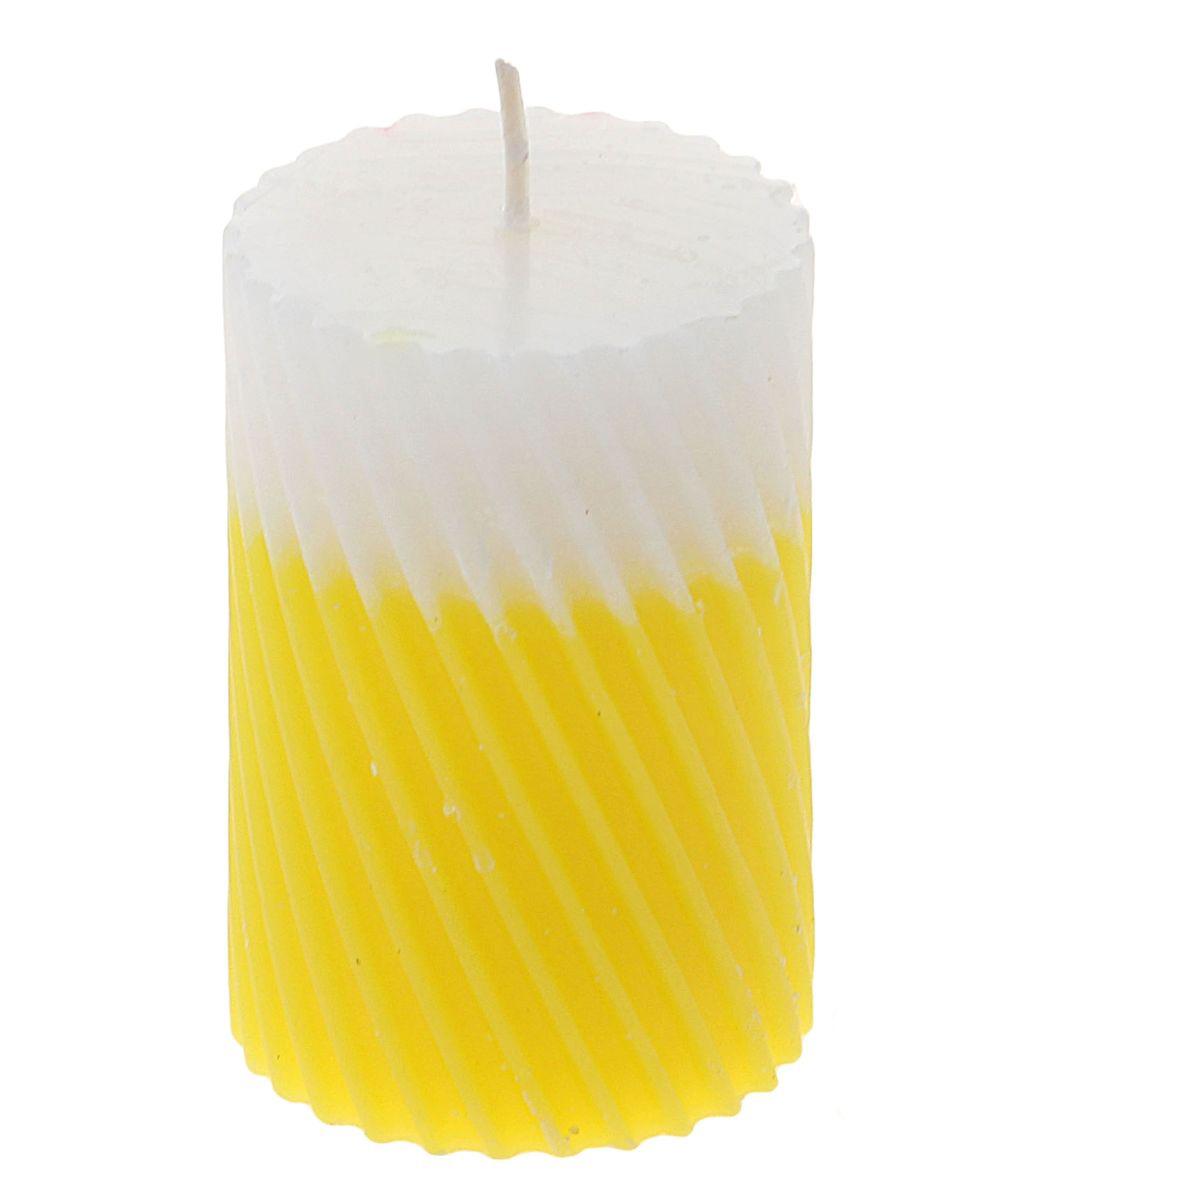 Свеча ароматизированная Sima-land Манго, высота 7,5 см. 84953274-0120Свеча Sima-land Манго выполнена из воска и оформлена резным рельефом. Свеча порадует ярким дизайном и сочным ароматом манго, который понравится как женщинам, так и мужчинам. Создайте для себя и своих близких незабываемую атмосферу праздника в доме. Ароматическая свеча Sima-land Манго раскрасит серые будни яркими красками.